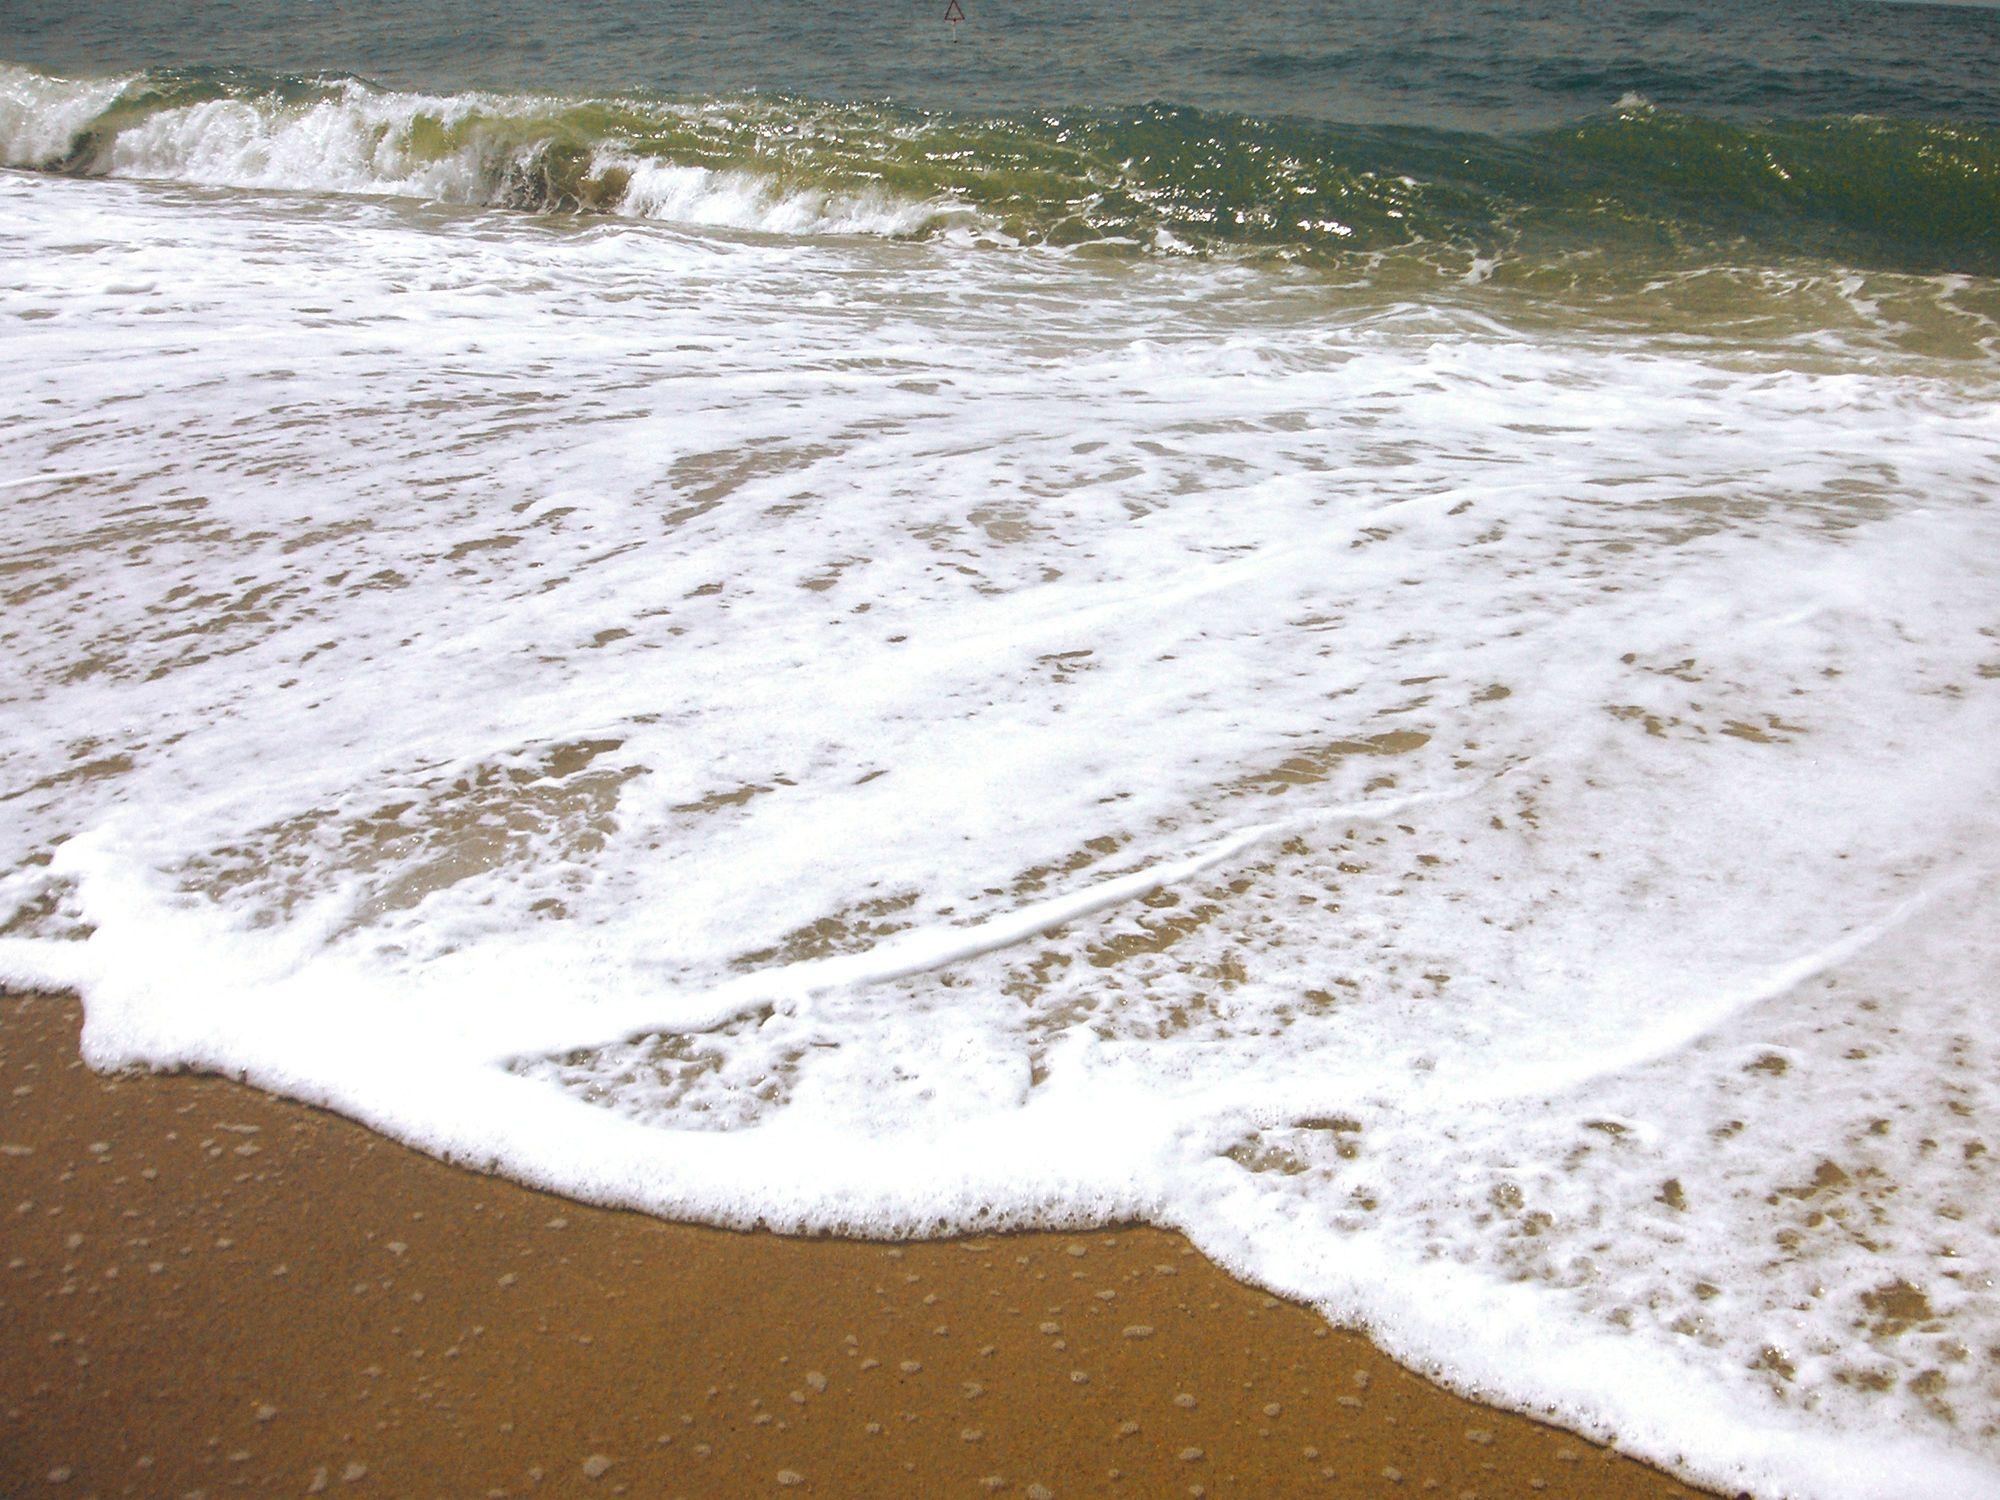 Bild mit Gegenstände, Natur, Elemente, Wasser, Landschaften, Himmel, Gewässer, Küsten und Ufer, Materialien, Meere, Strände, Brandung, Wellen, Stein, Sand, Aktivitäten, Urlaub, Strand, Meer